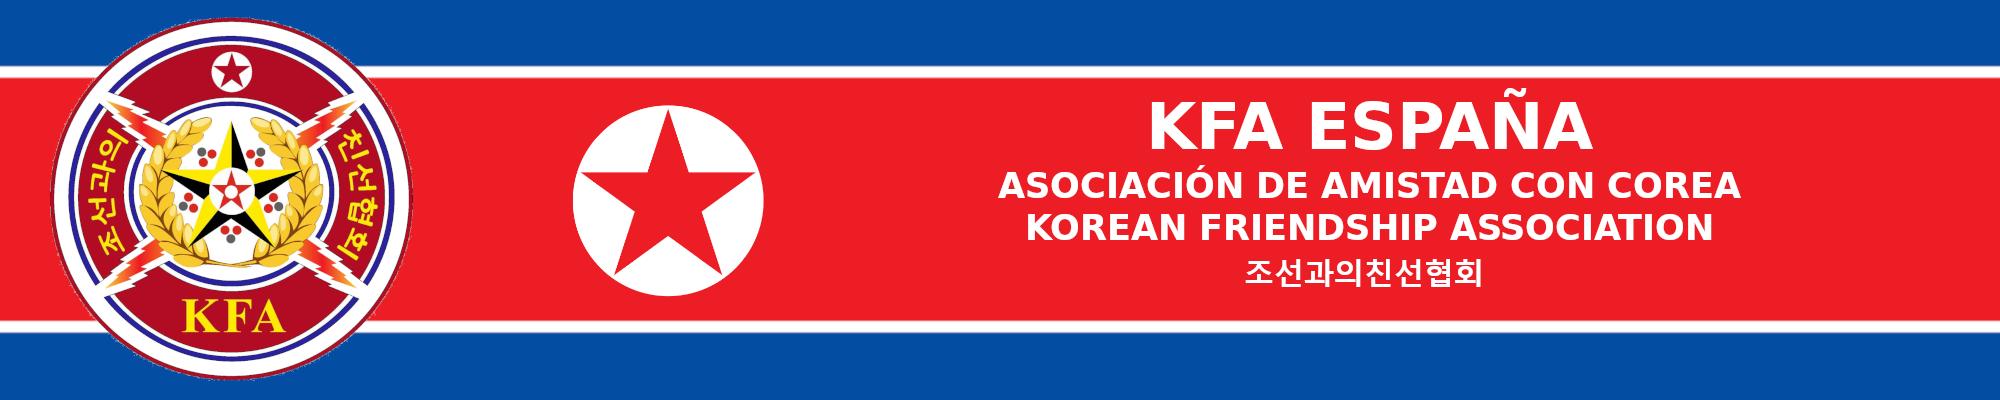 Asociación de Amistad con Corea (KFA)